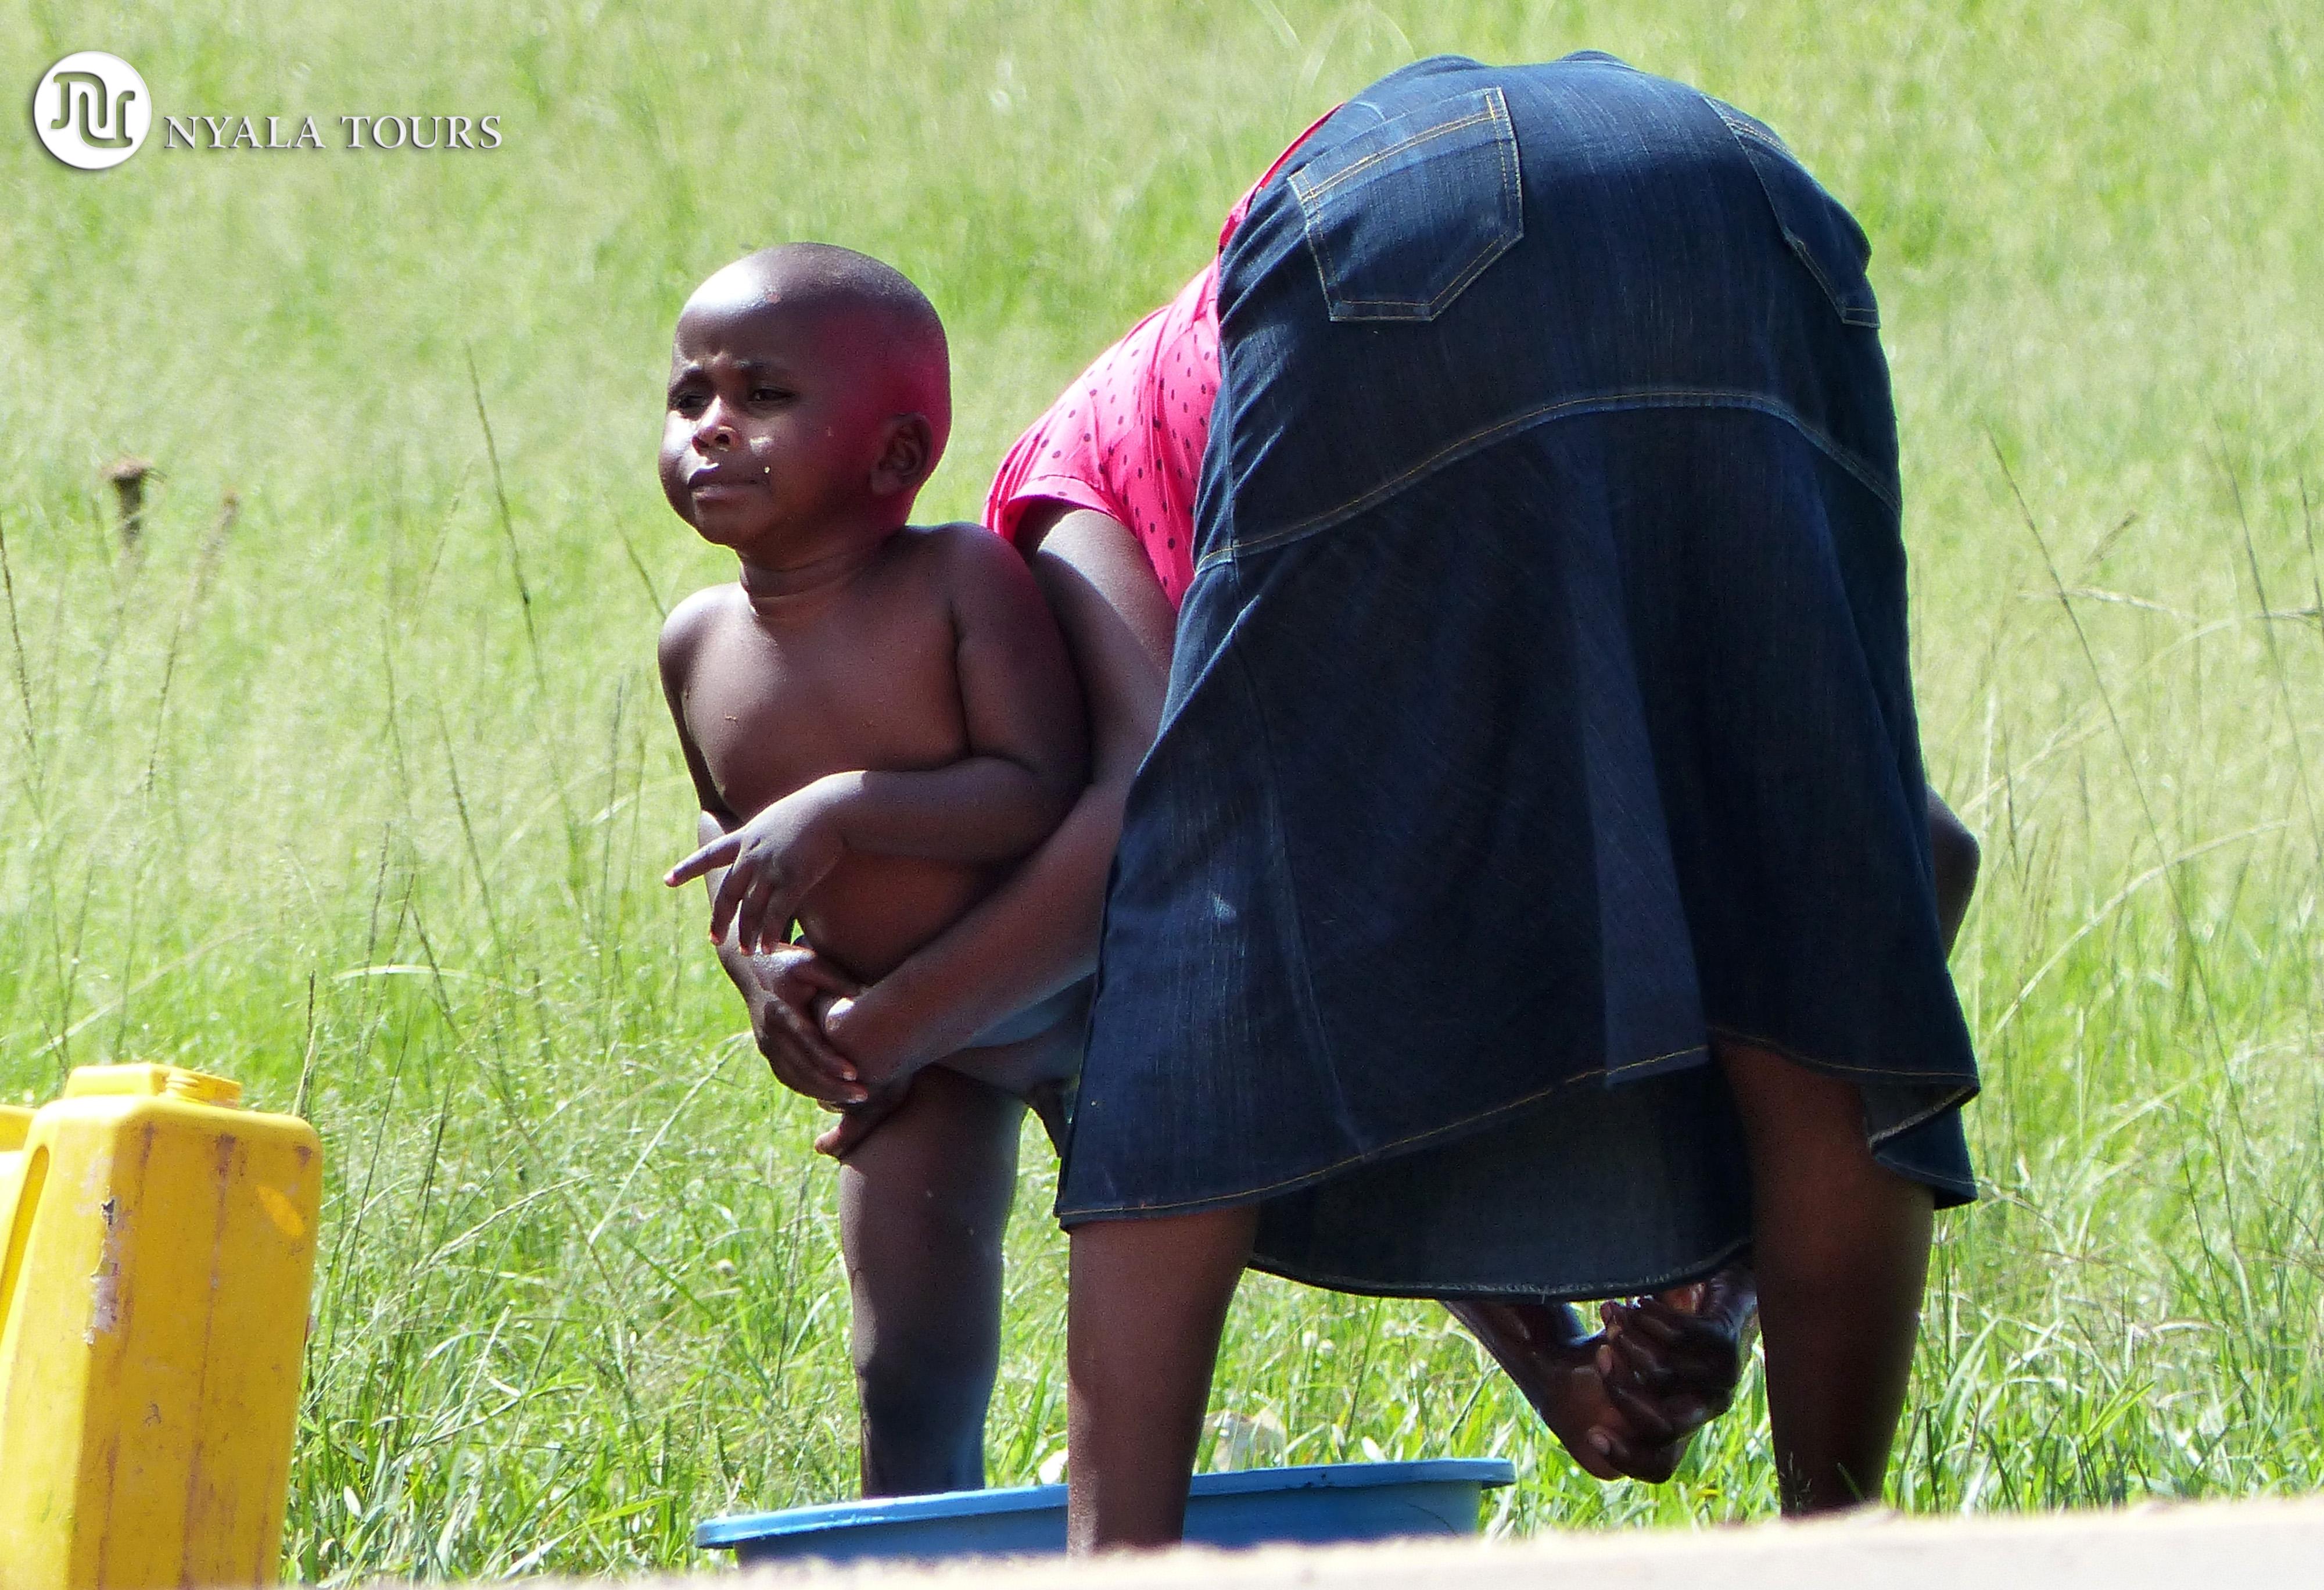 Mom bathing child, Uganda. Mamá bañando a su hijo, Uganda.